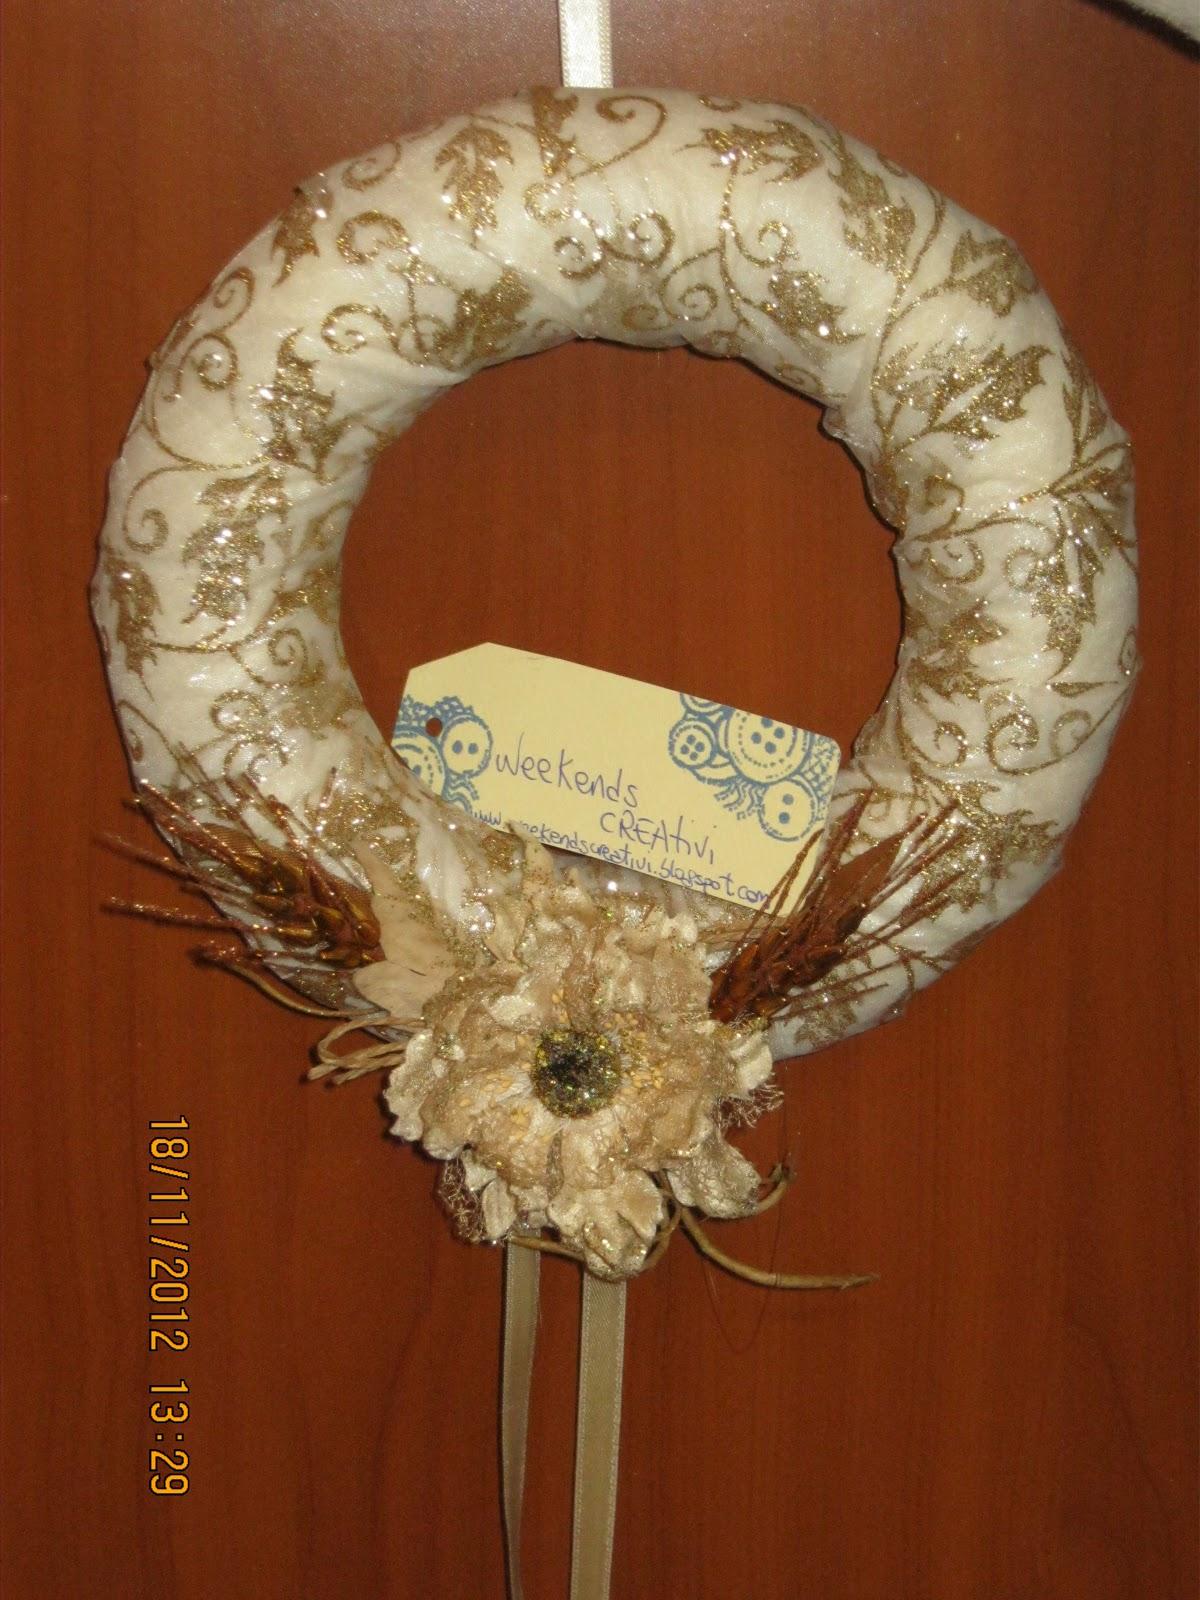 Week ends creativi decorazioni natalizie seconda ghirlanda - Decorazioni ghirlande natalizie ...